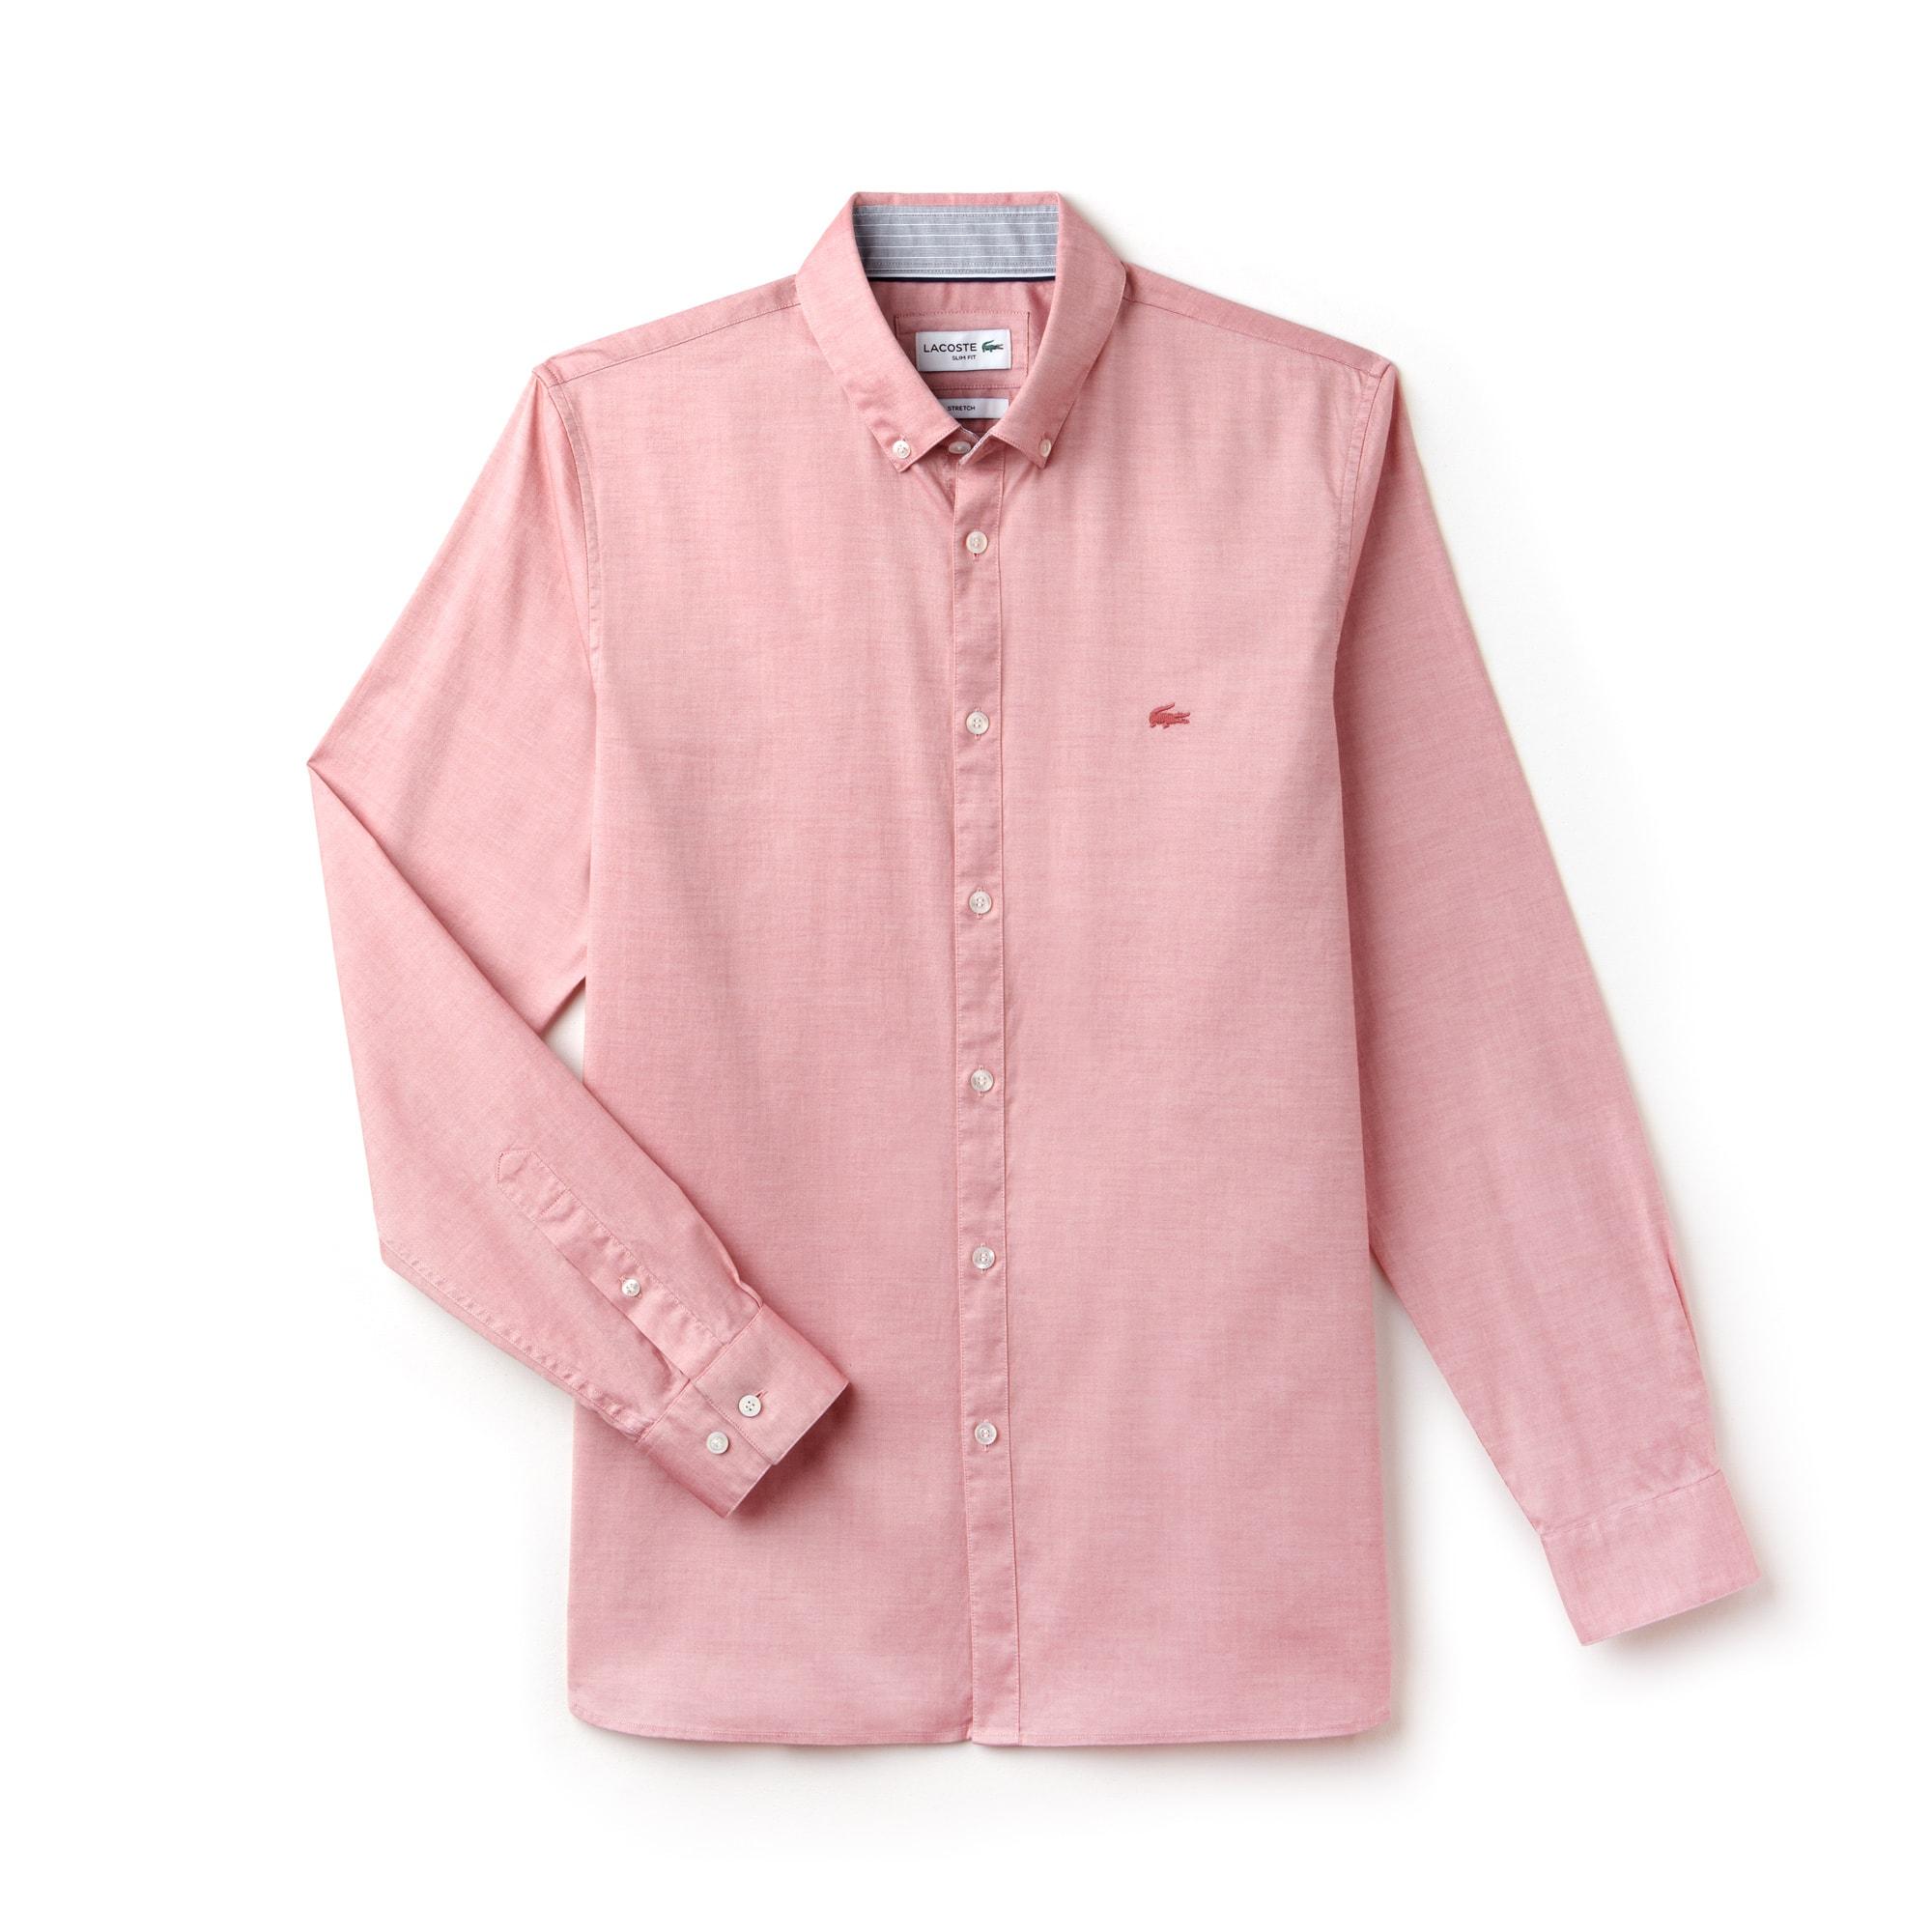 라코스테 Lacoste Mens Slim Fit Stretch Cotton Pinpoint Shirt,pink